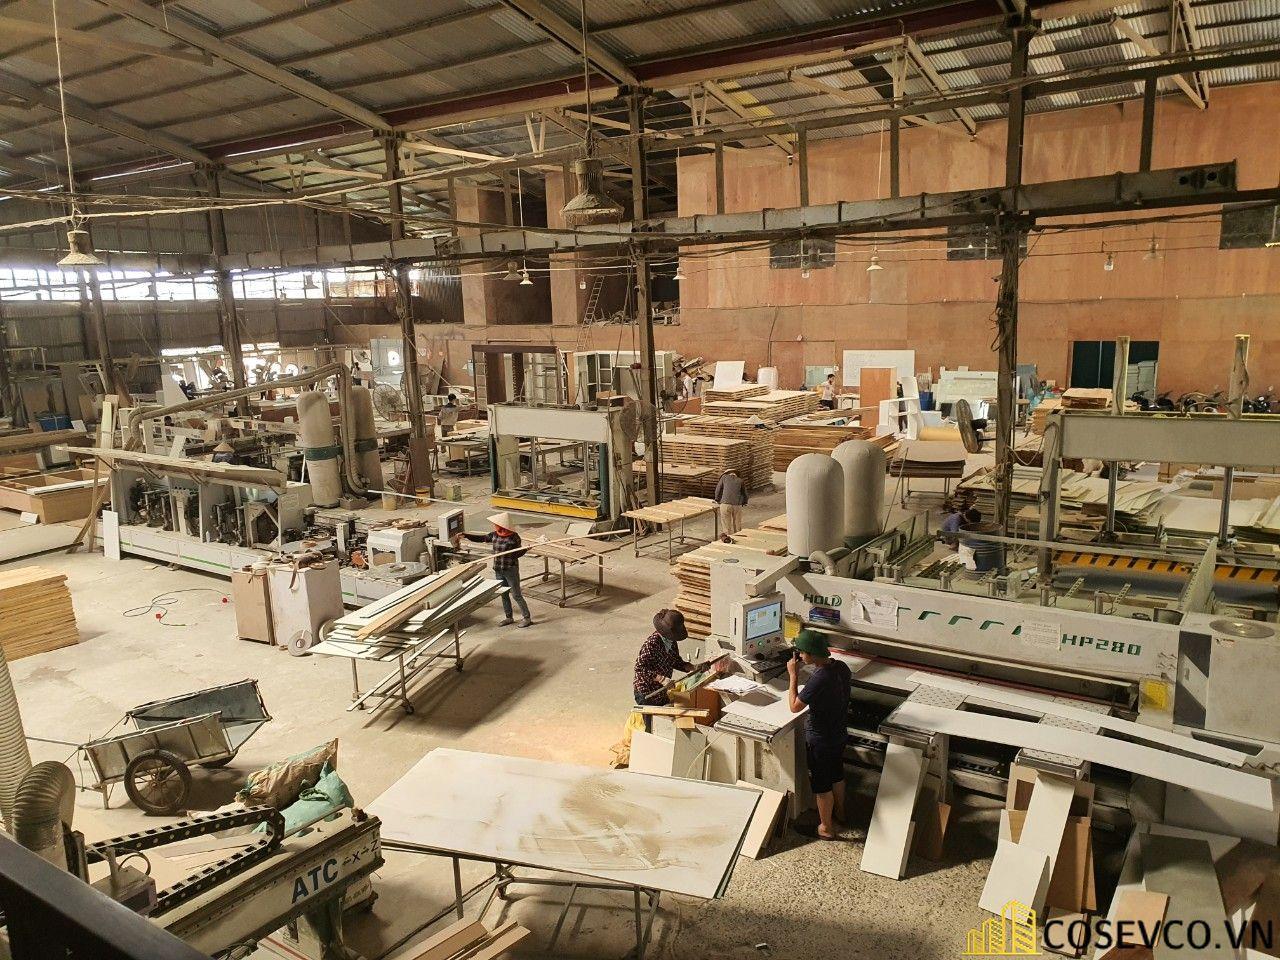 Xưởng sản xuất nội thất công ty Cosevco - View 3